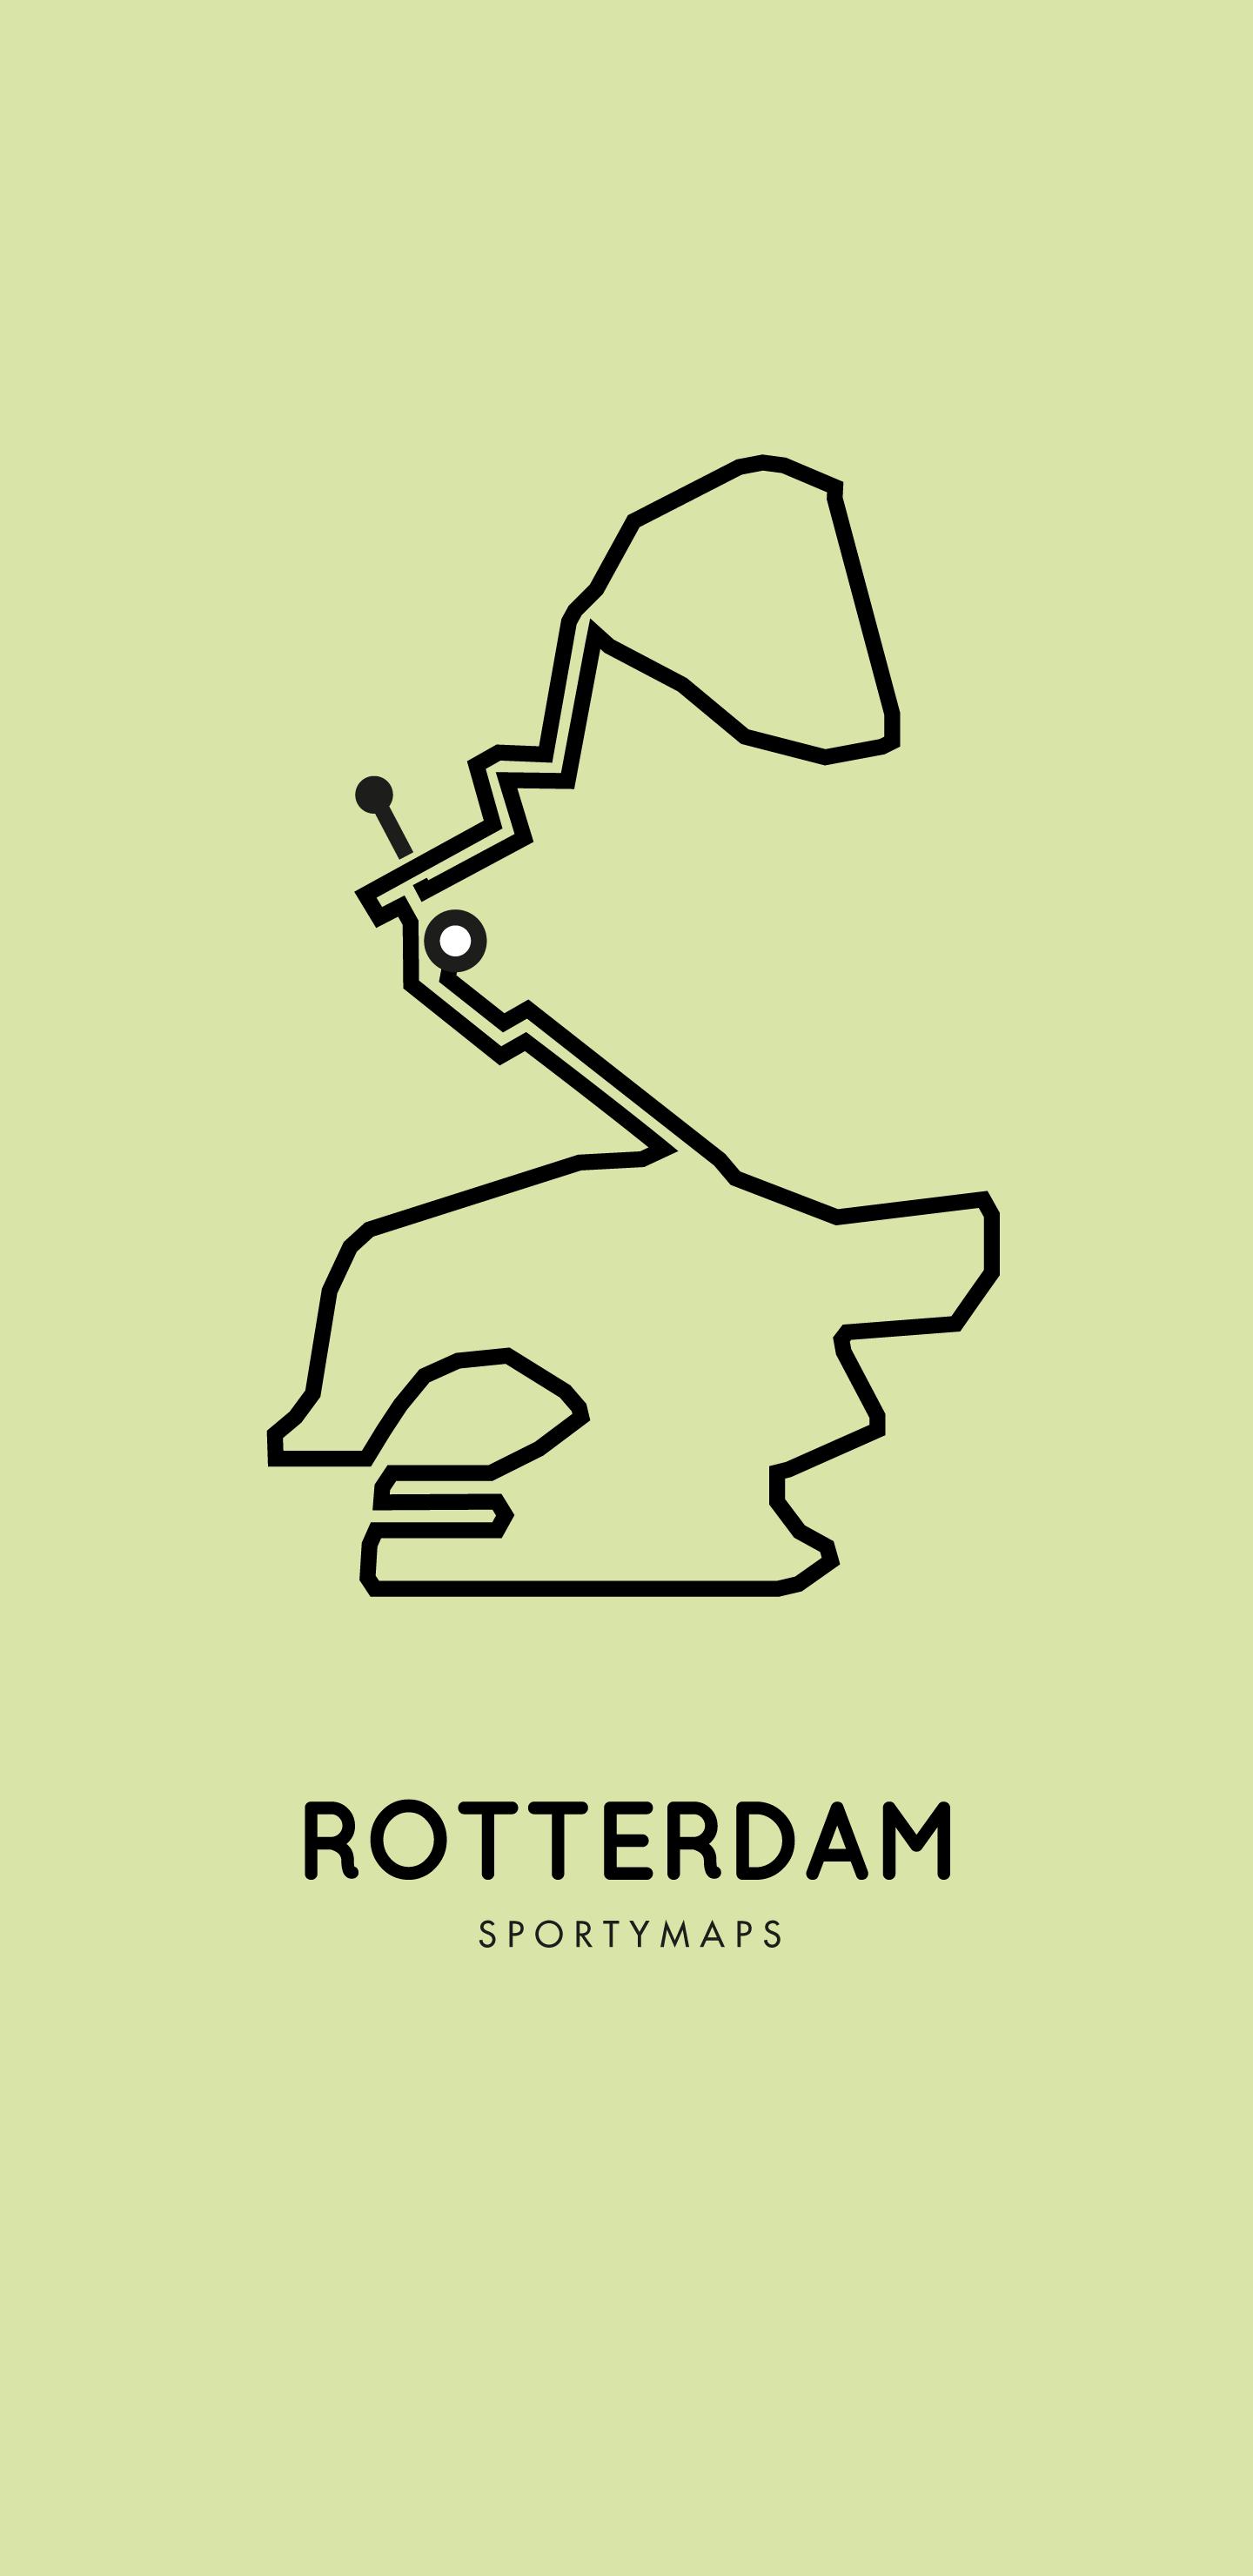 Sportymaps-Rotterdam-marathon-green